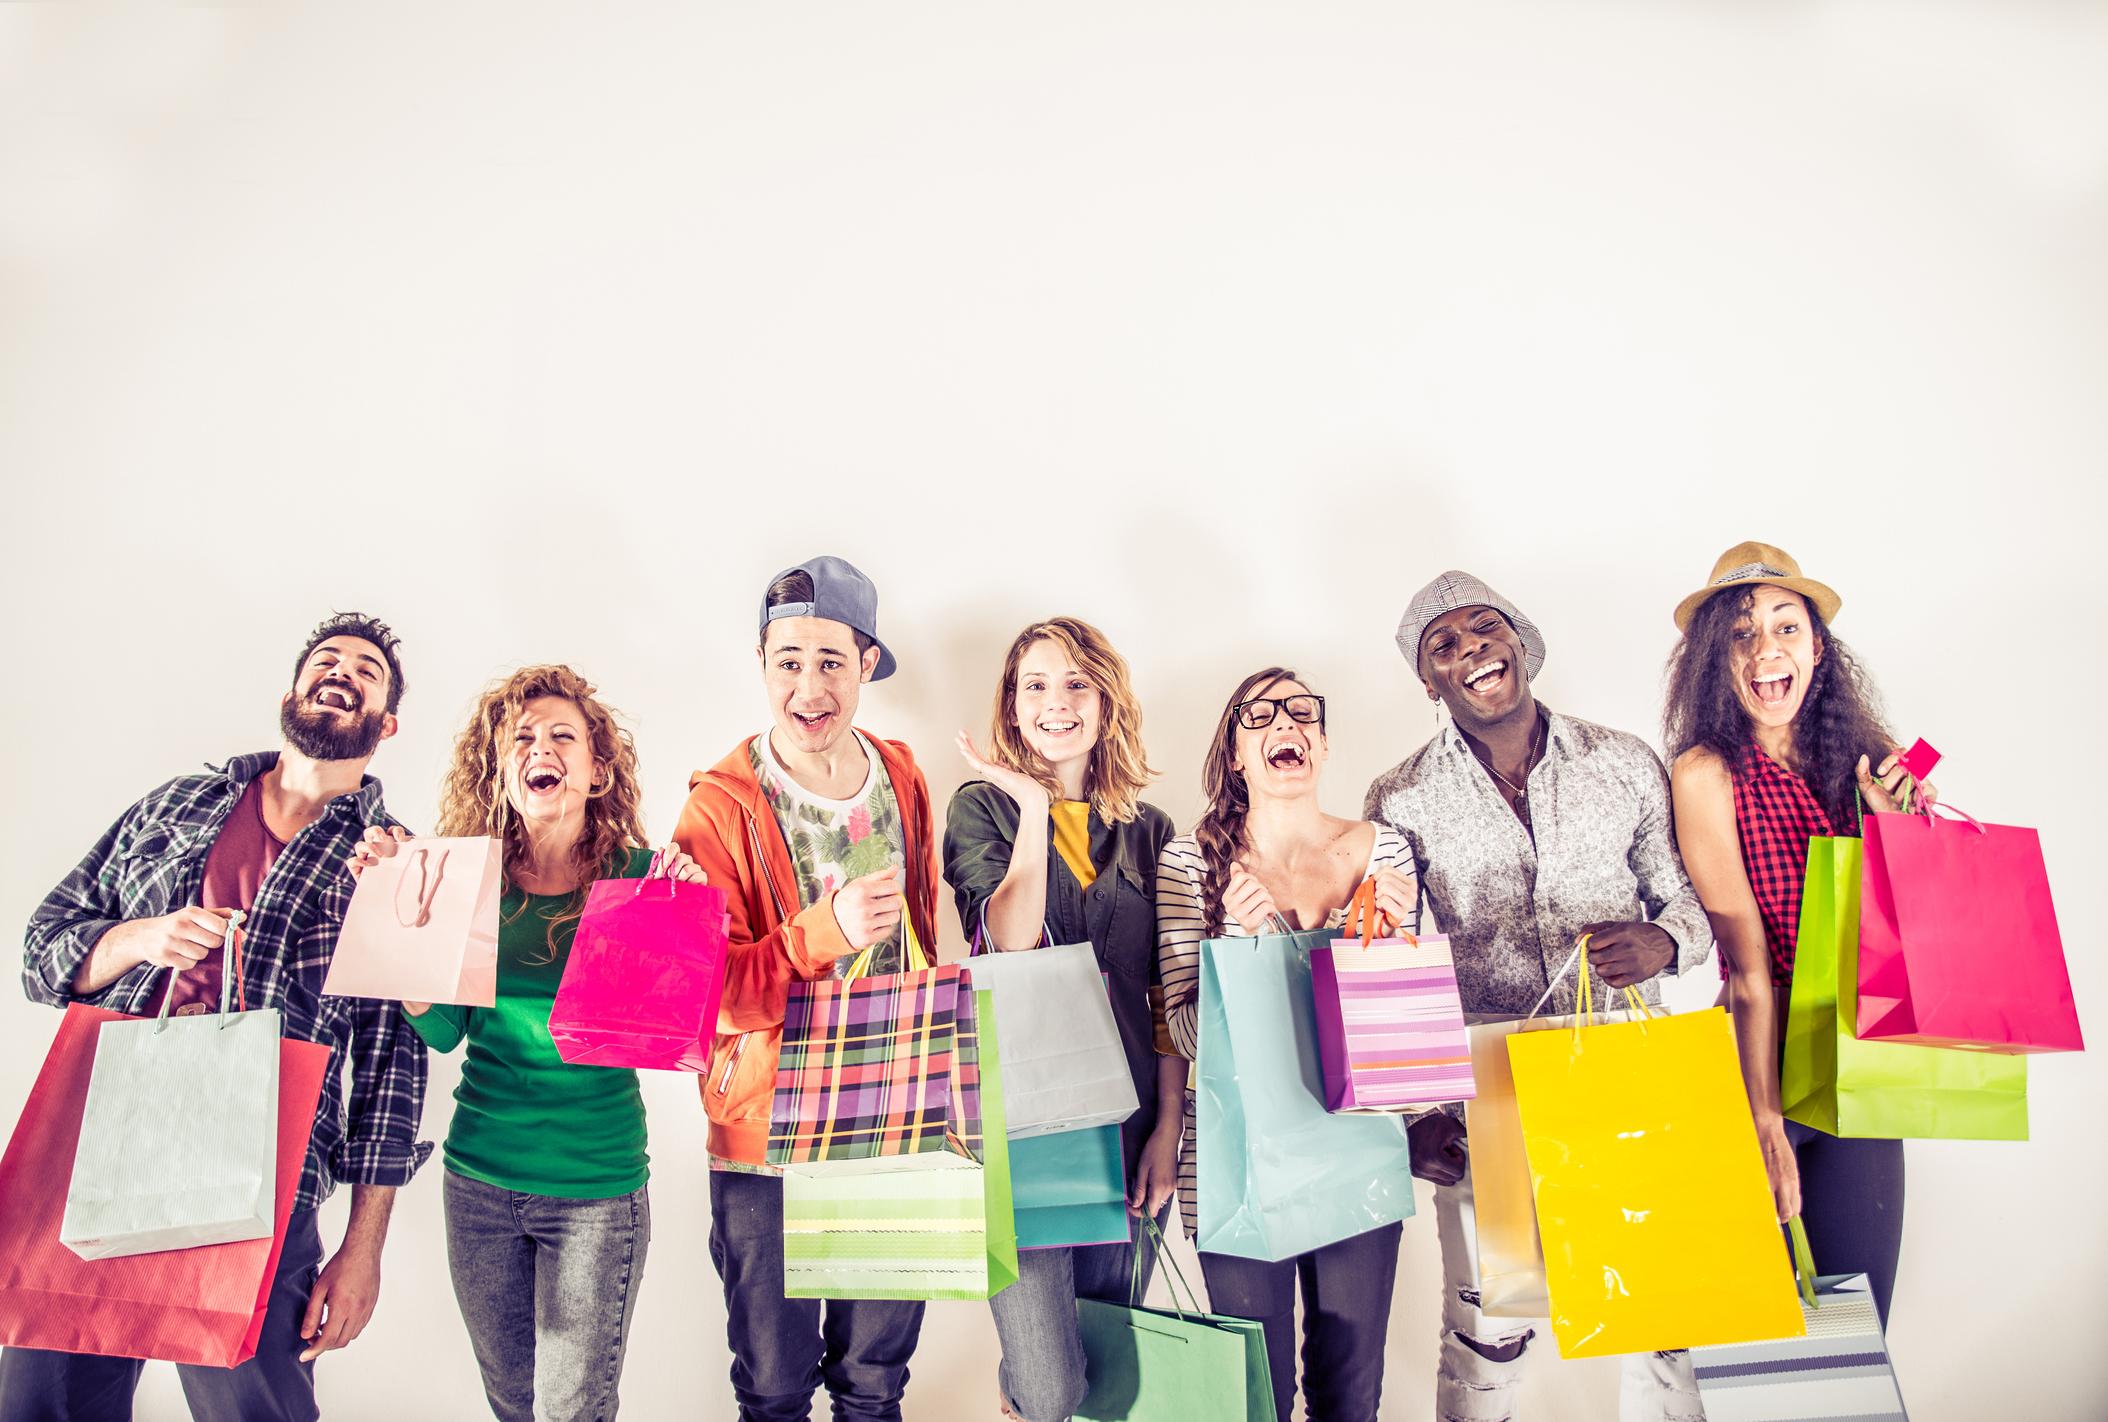 Los jóvenes cambian los regalos a sus seres queridos